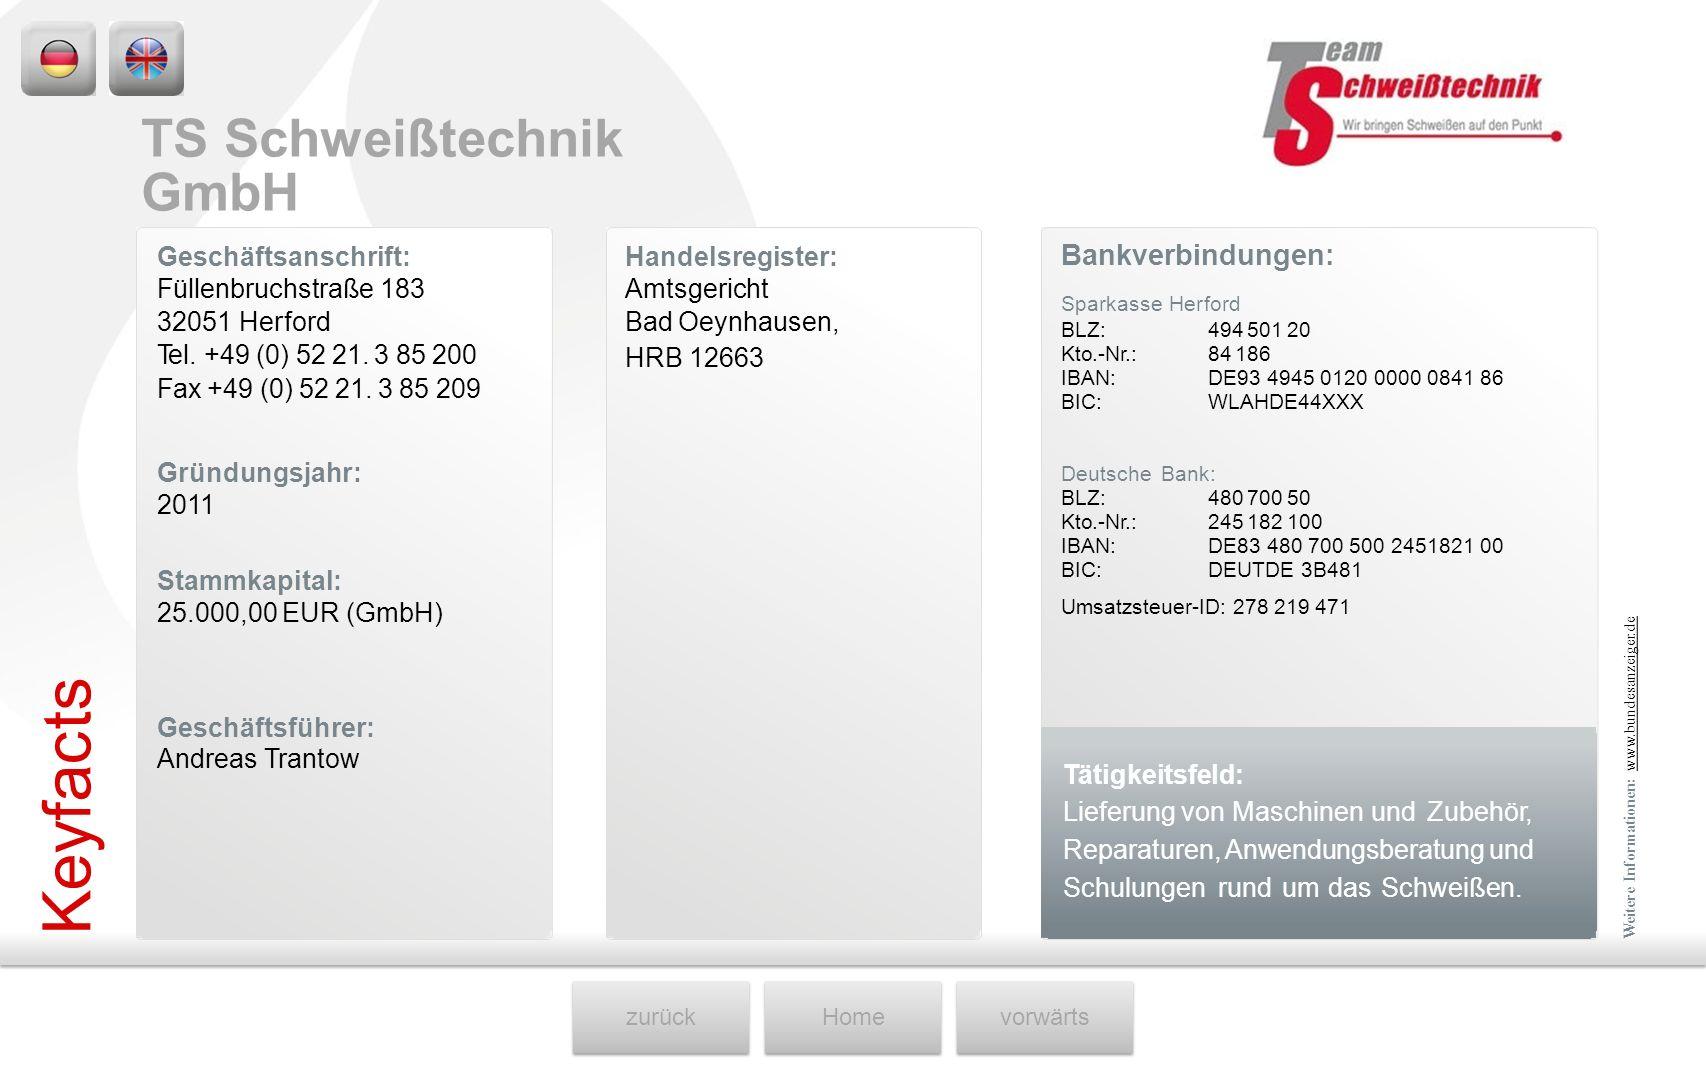 zurückHomevorwärts Geschäftsanschrift: Füllenbruchstraße 183 32051 Herford Tel. +49 (0) 52 21. 3 85 200 Fax +49 (0) 52 21. 3 85 209 Handelsregister: A